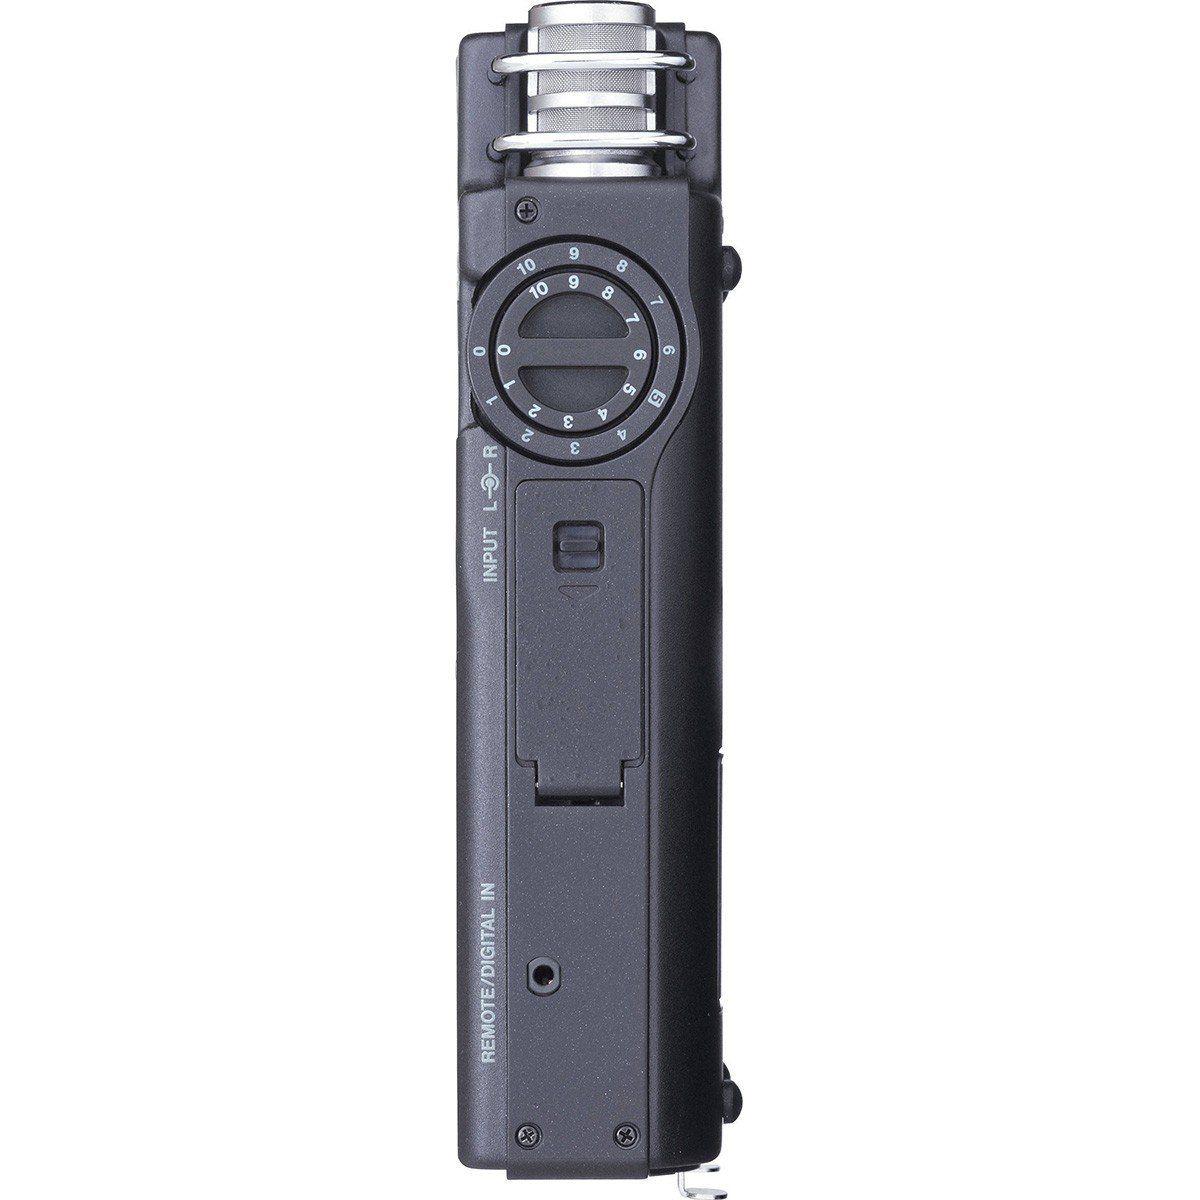 Tascam DR1000 MK2 Gravador DR-100MKII Armazena até 32GB 24-Bit 96-Khz Inclui 2GB SD